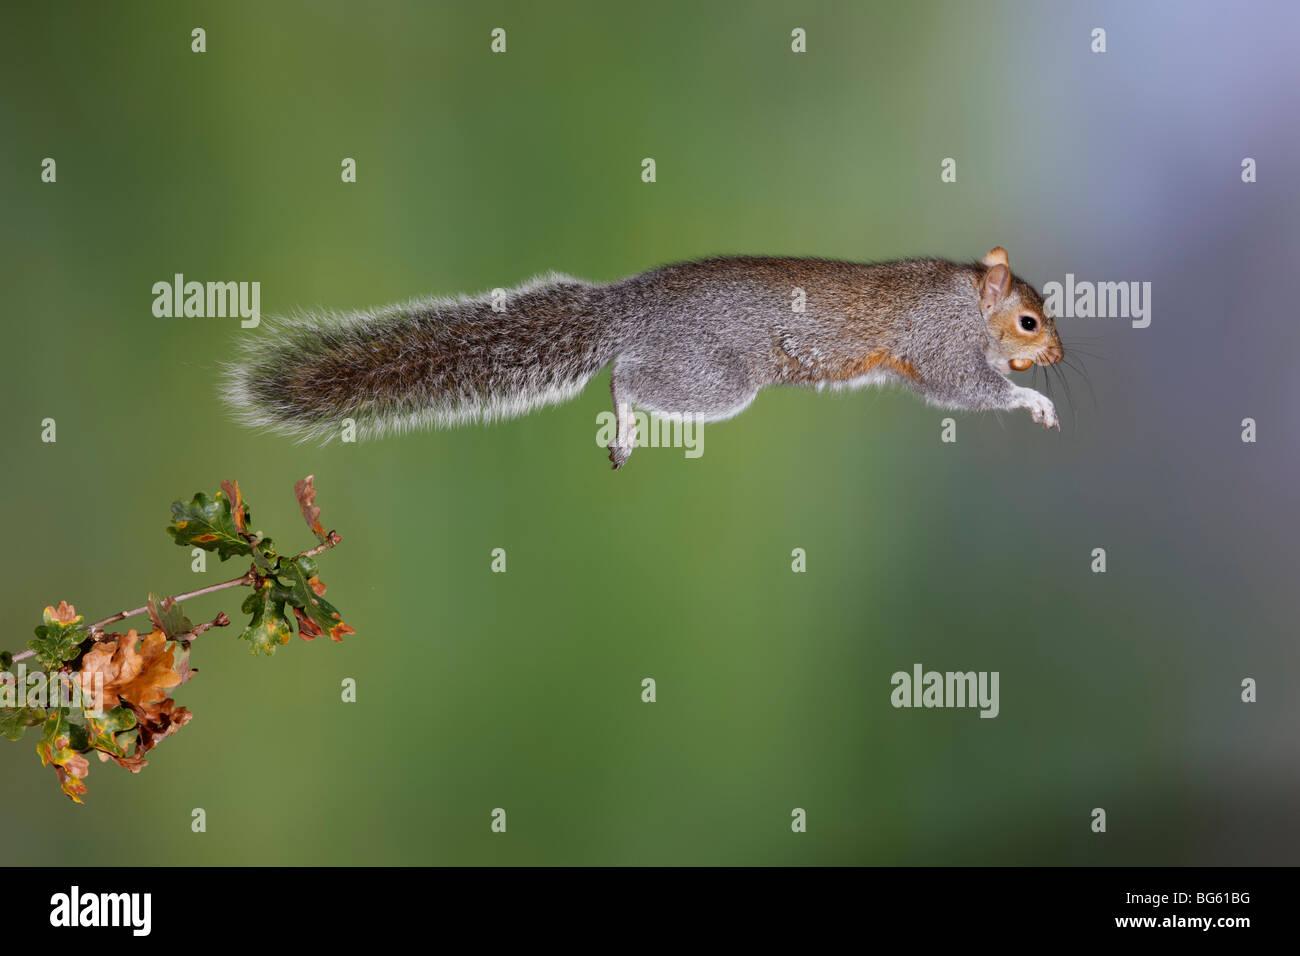 Grey Squirrel Sciurus carolinensis Jumping - Stock Image